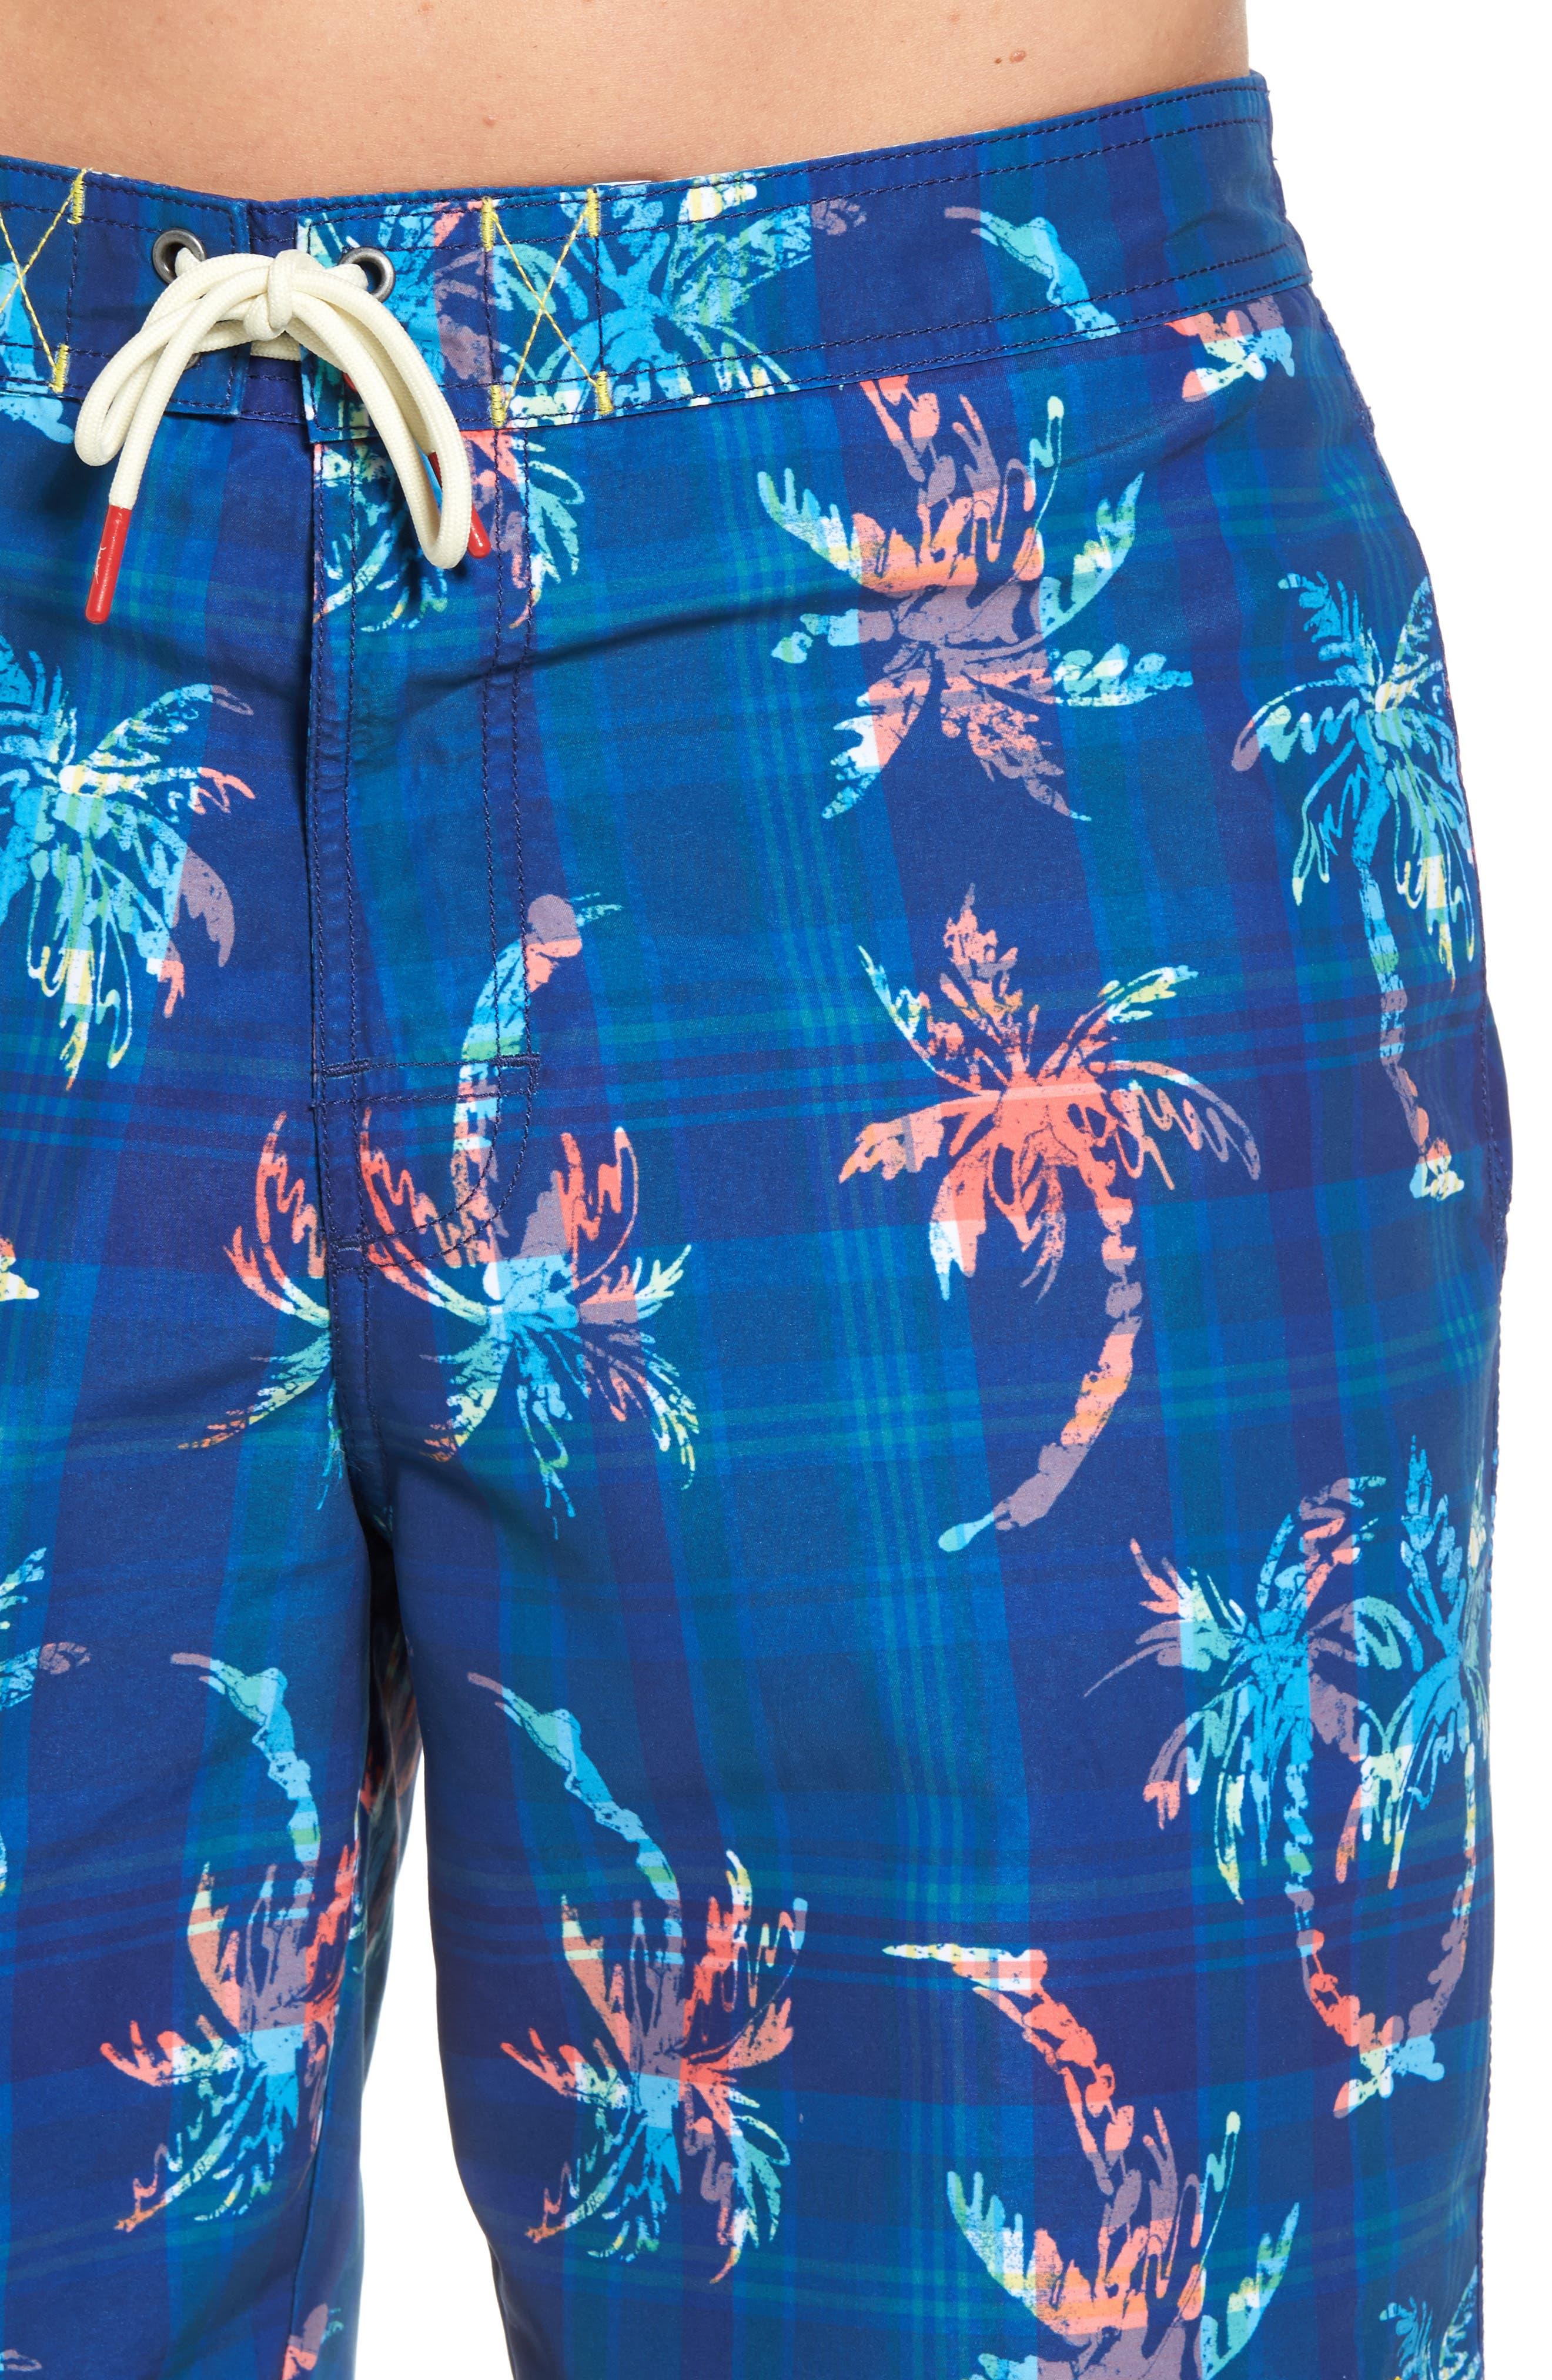 Baja Palm Illusion Swim Trunks,                             Alternate thumbnail 4, color,